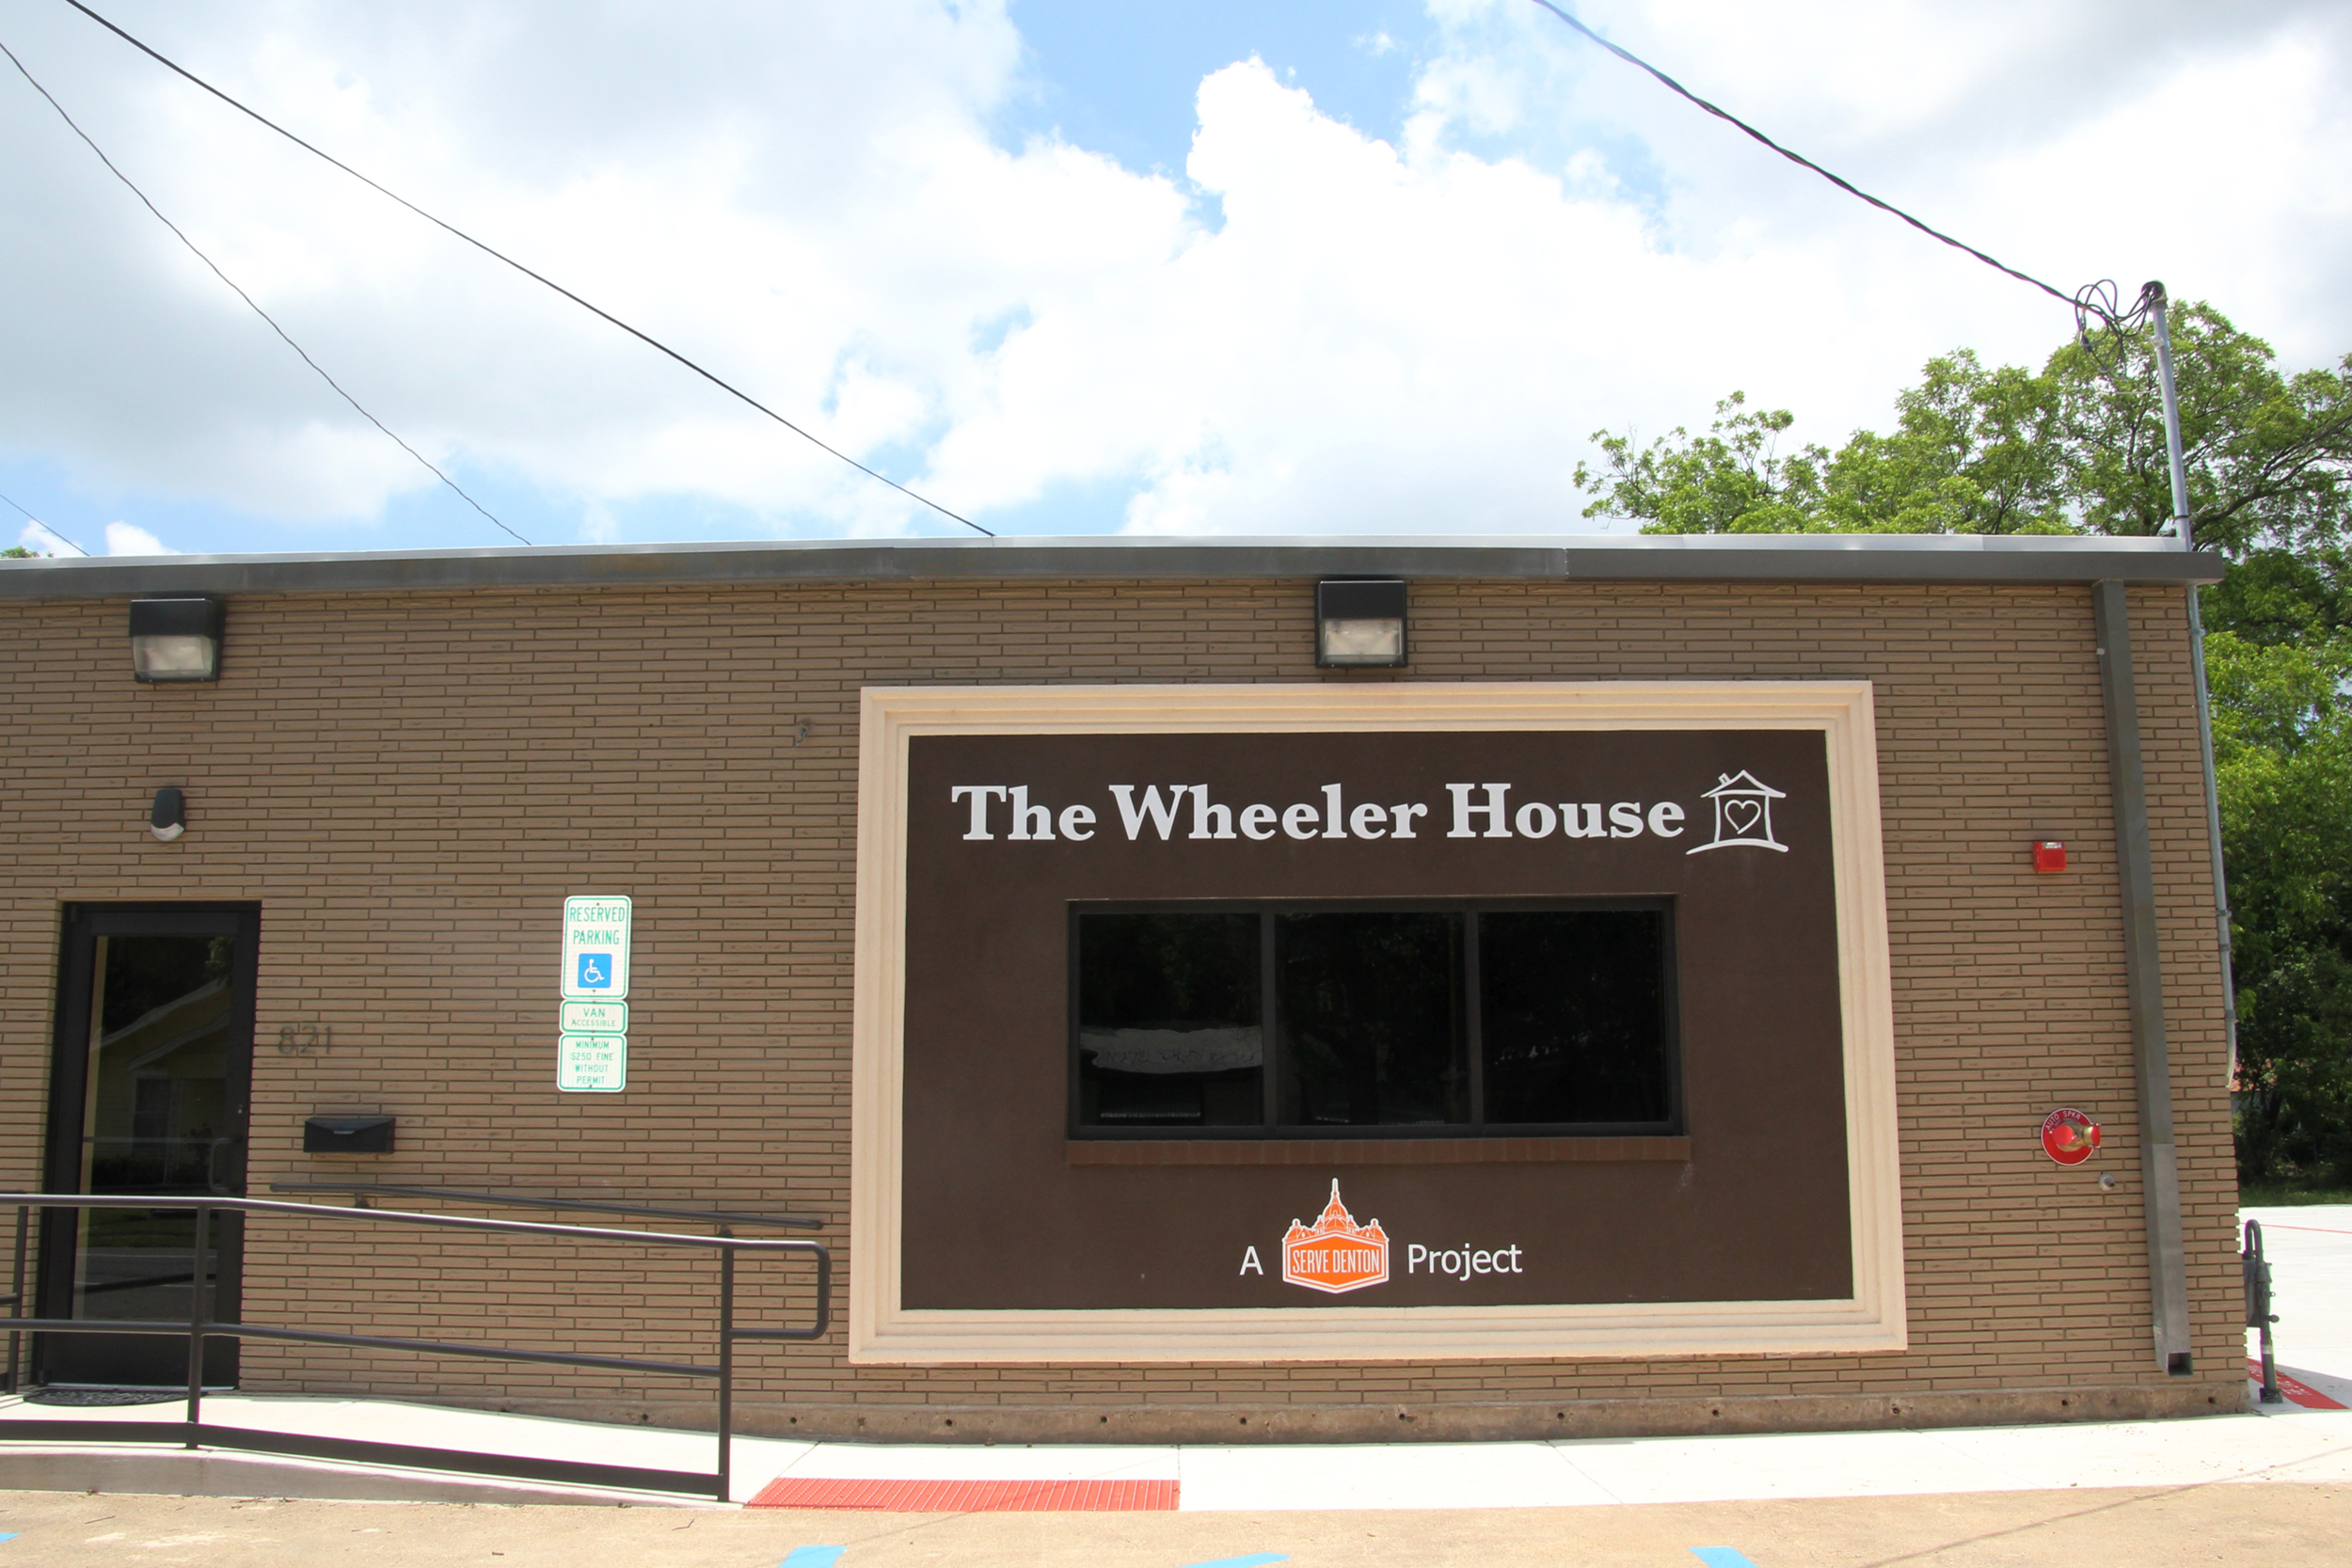 The Wheeler House